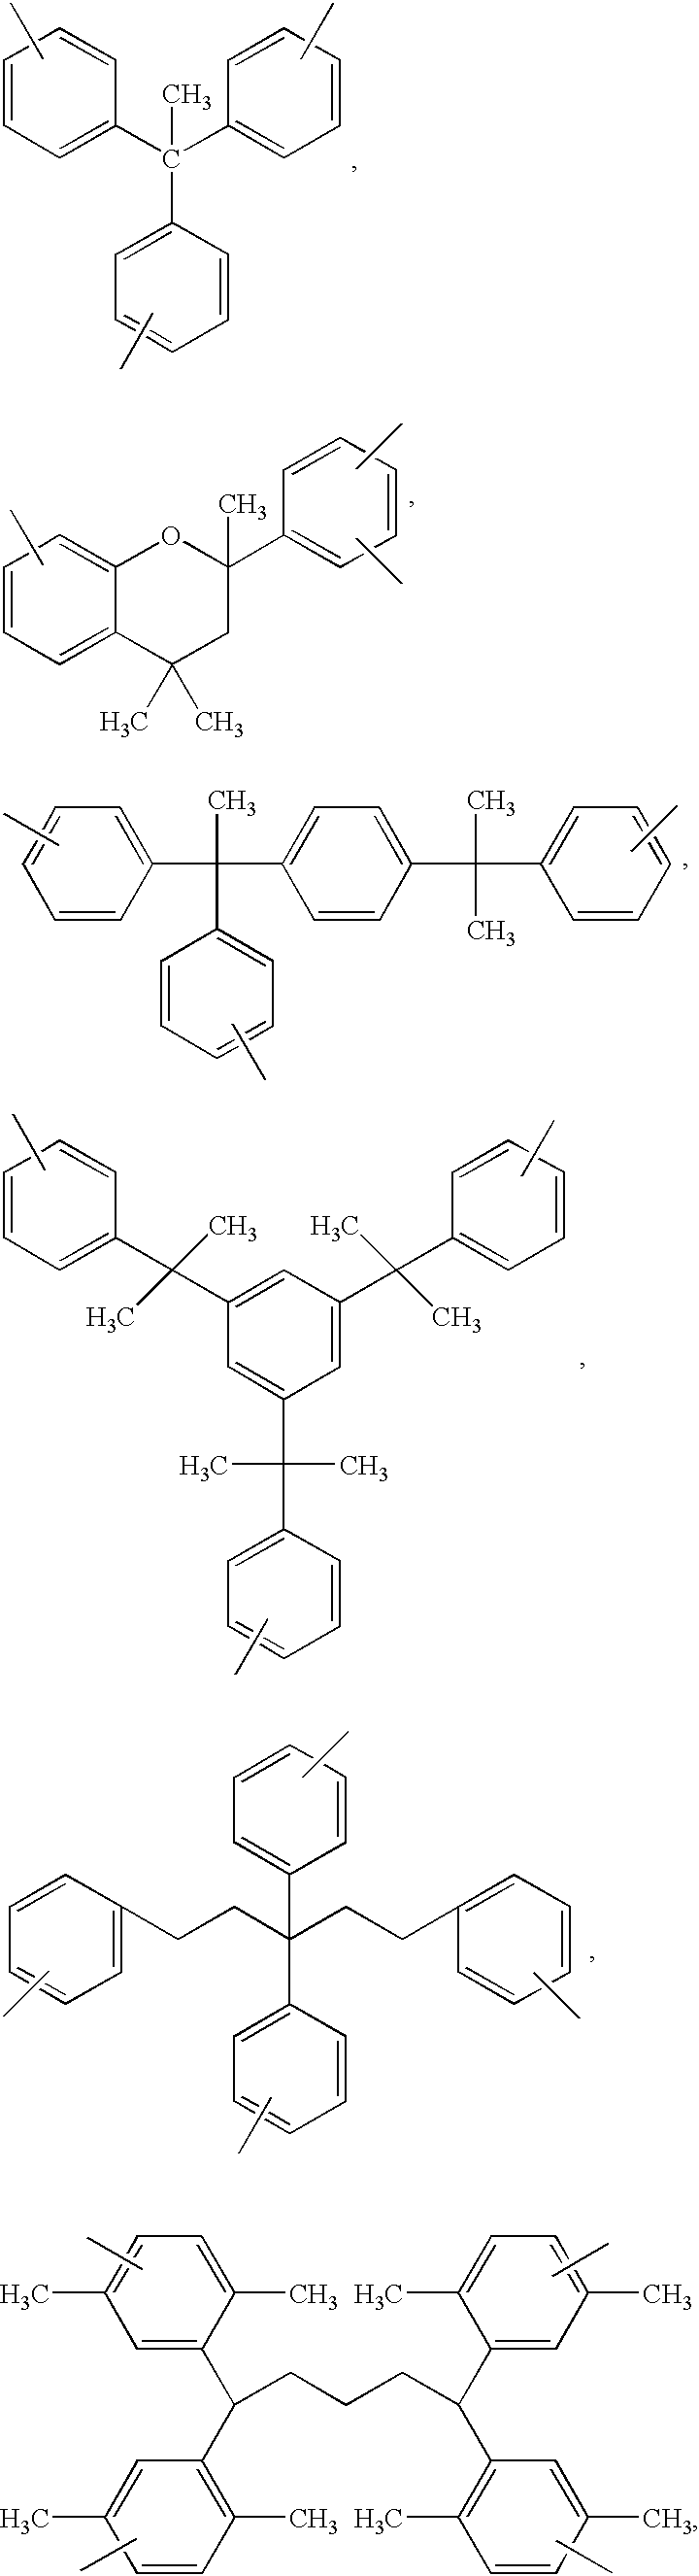 Figure US06455223-20020924-C00018